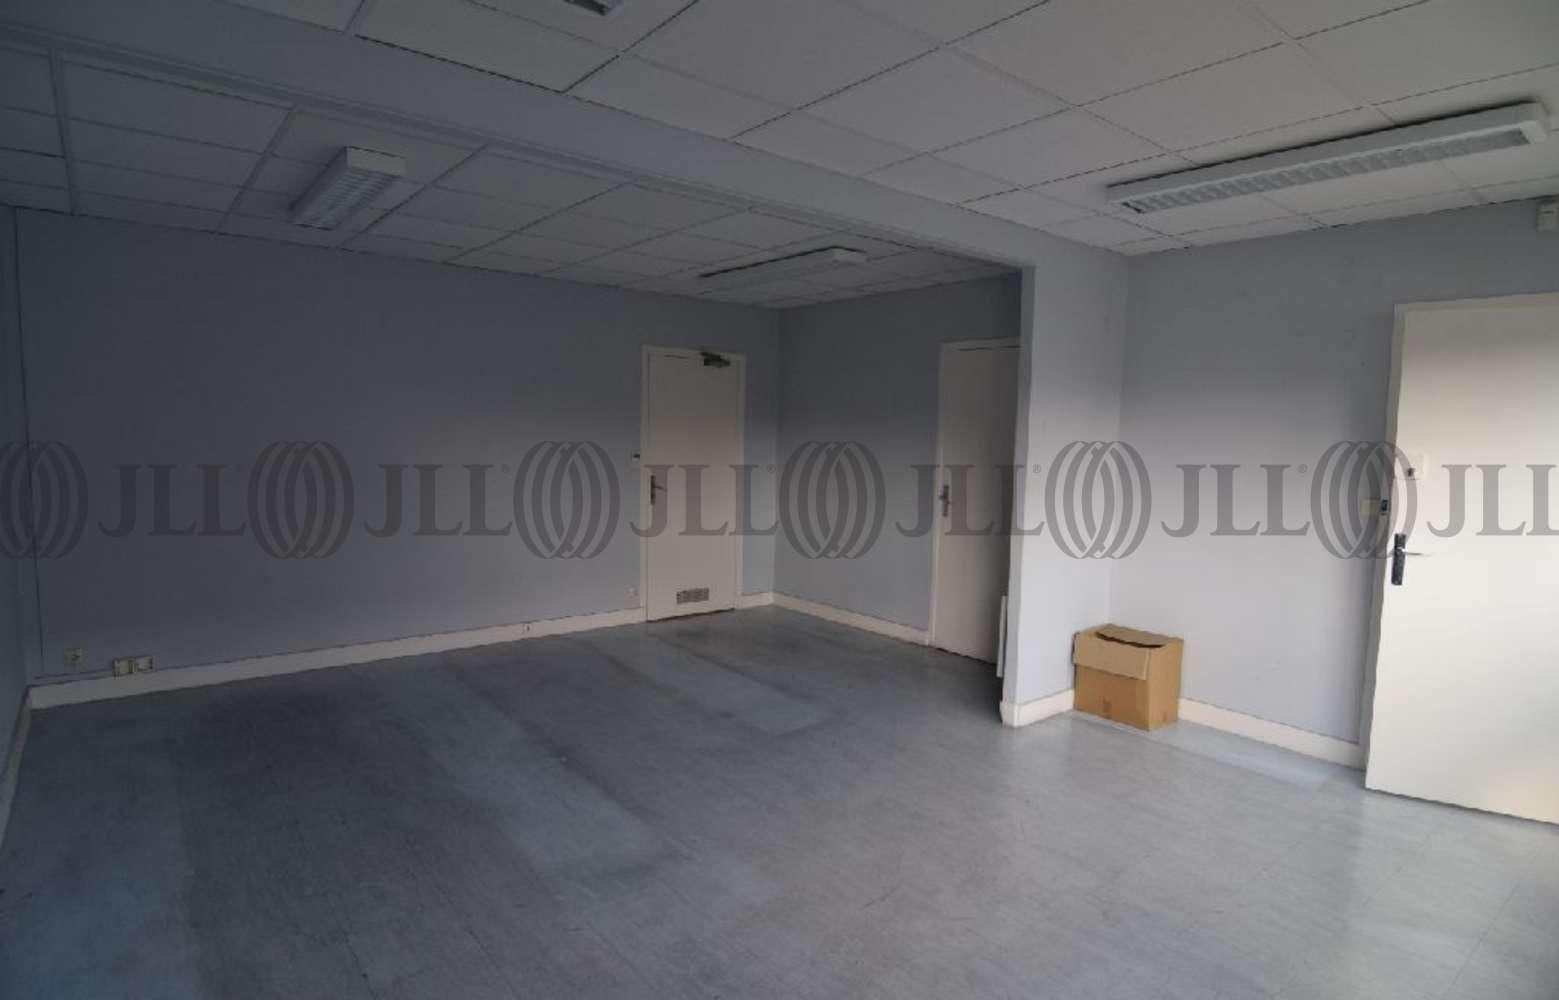 Activités/entrepôt St ouen l aumone, 95310 - 6 AVENUE DE BOURGOGNE - 10884704